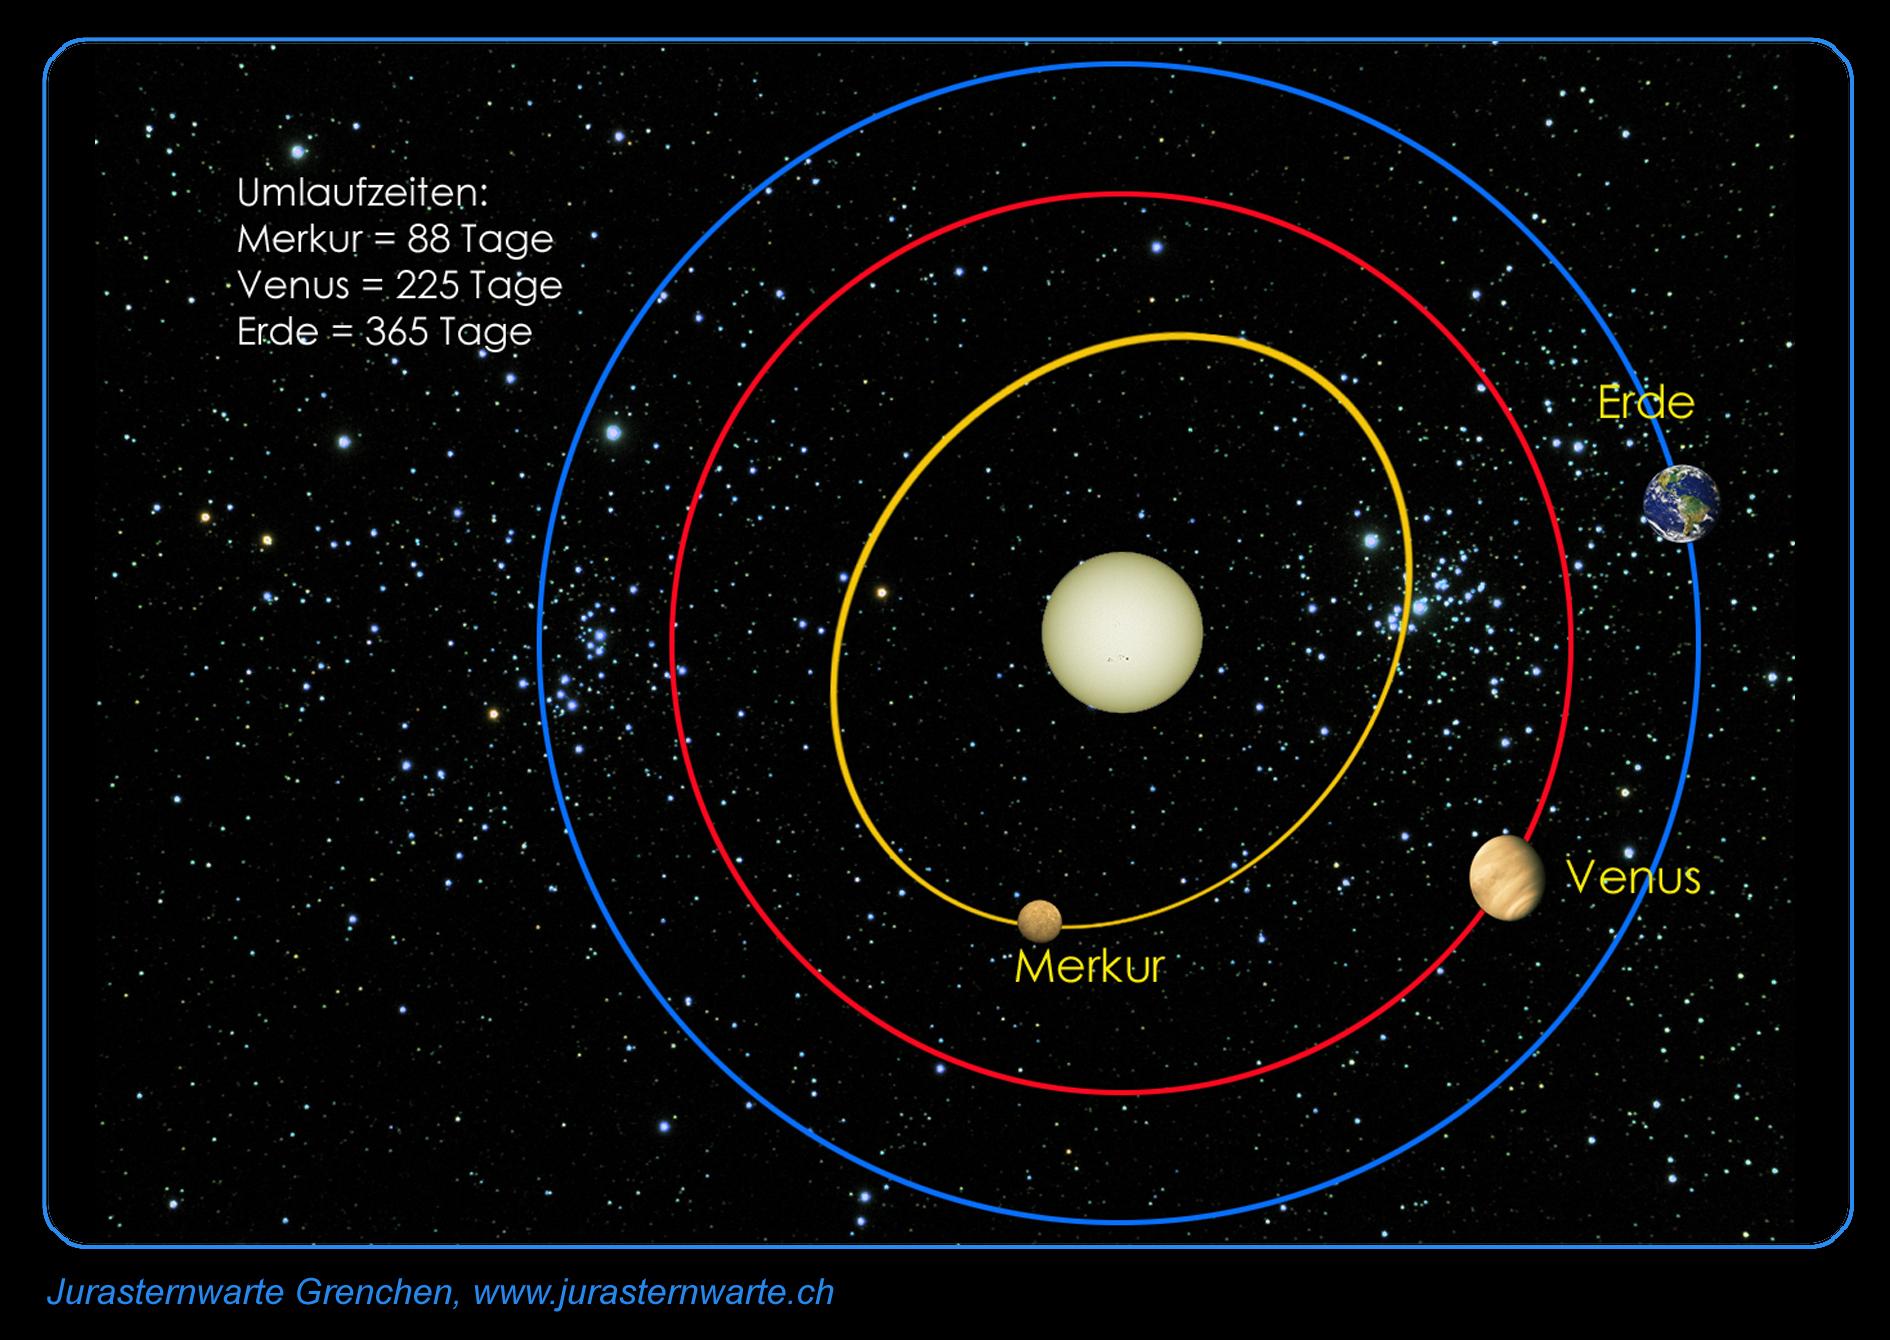 Umlaufzeit Merkur Sonne